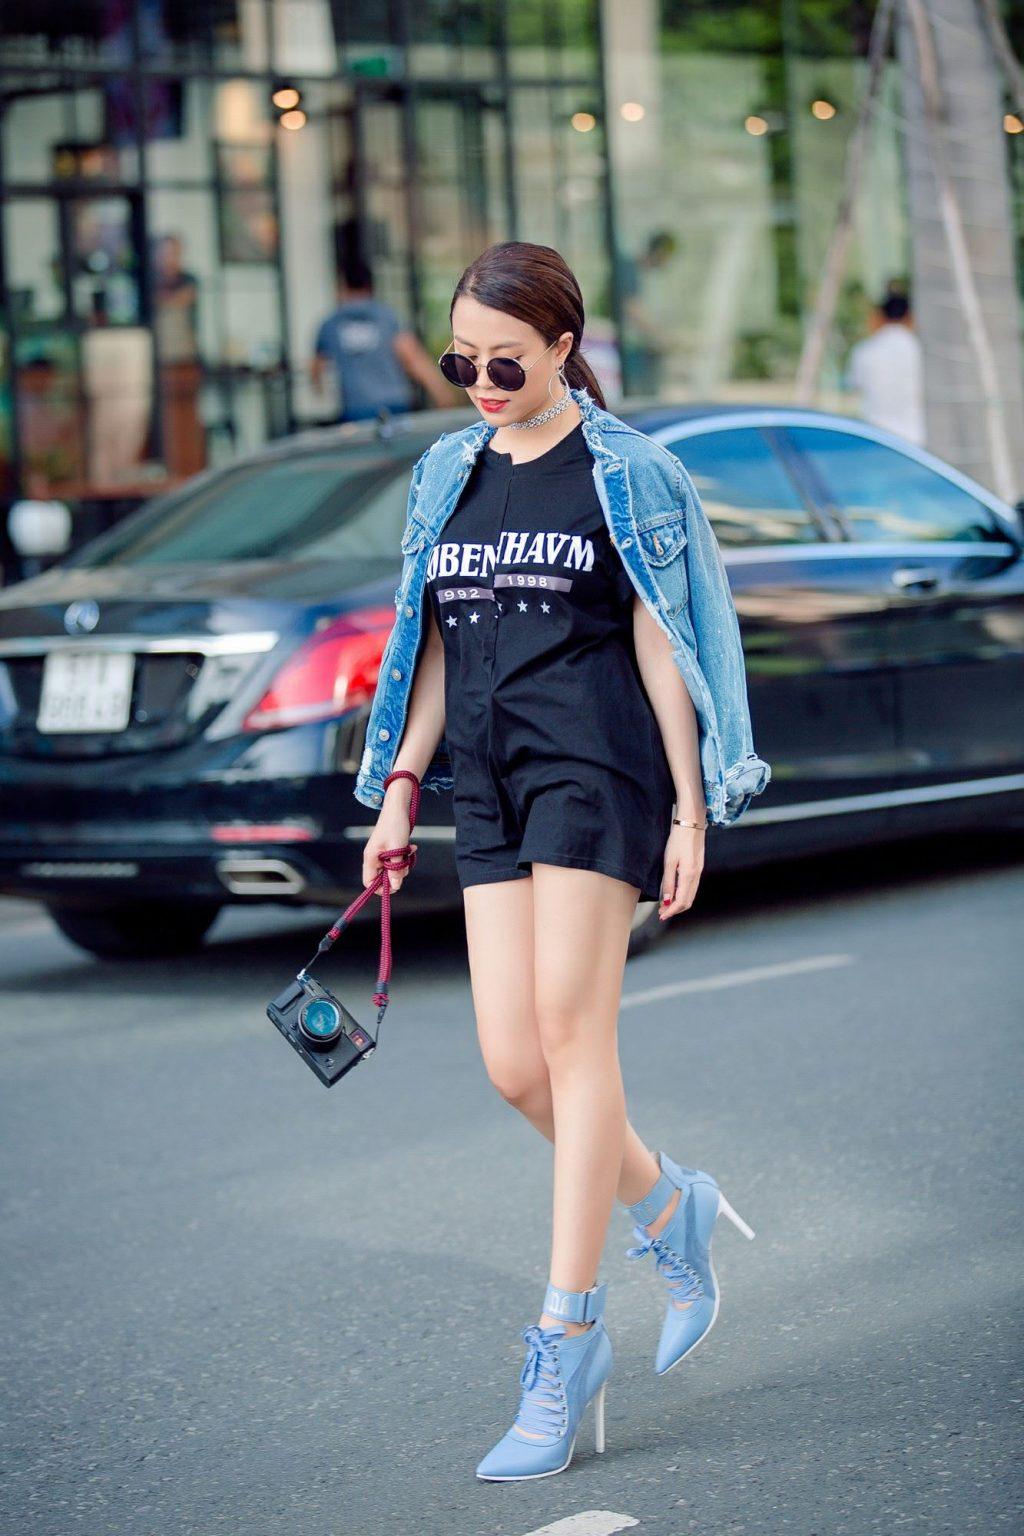 """Dáng dấp năng động nhưng không kém phần sexy được cô tận dụng triệt để trong những bộ outfit """"chất phát ngất"""", từ váy ngắn tua rua, baggy jeans, đến đầm bó sát, hay họa tiết đuôi cá đẹp mắt."""